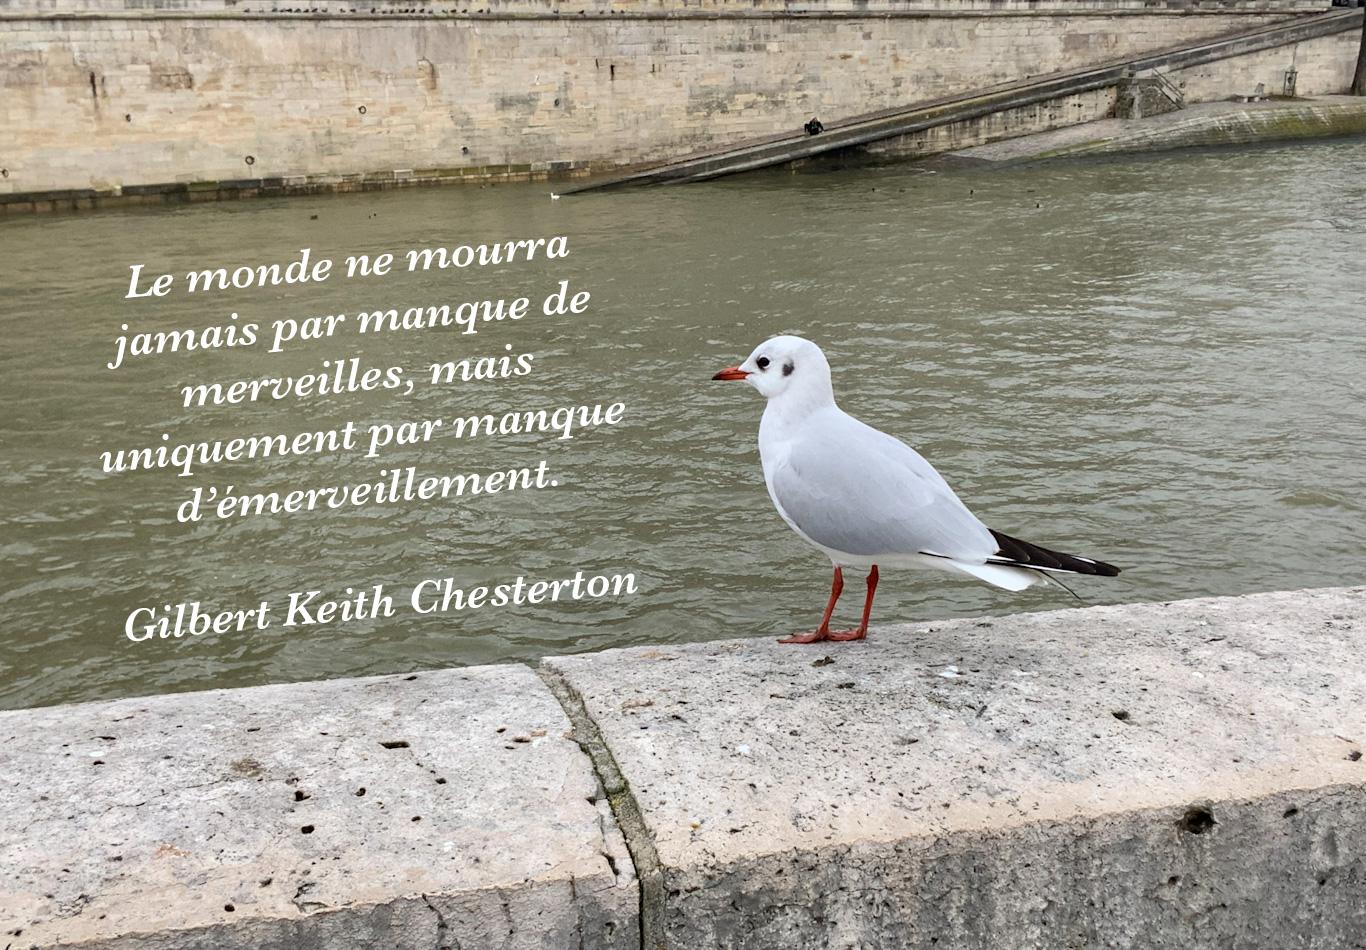 Oiseau au bord de la Seine et citation